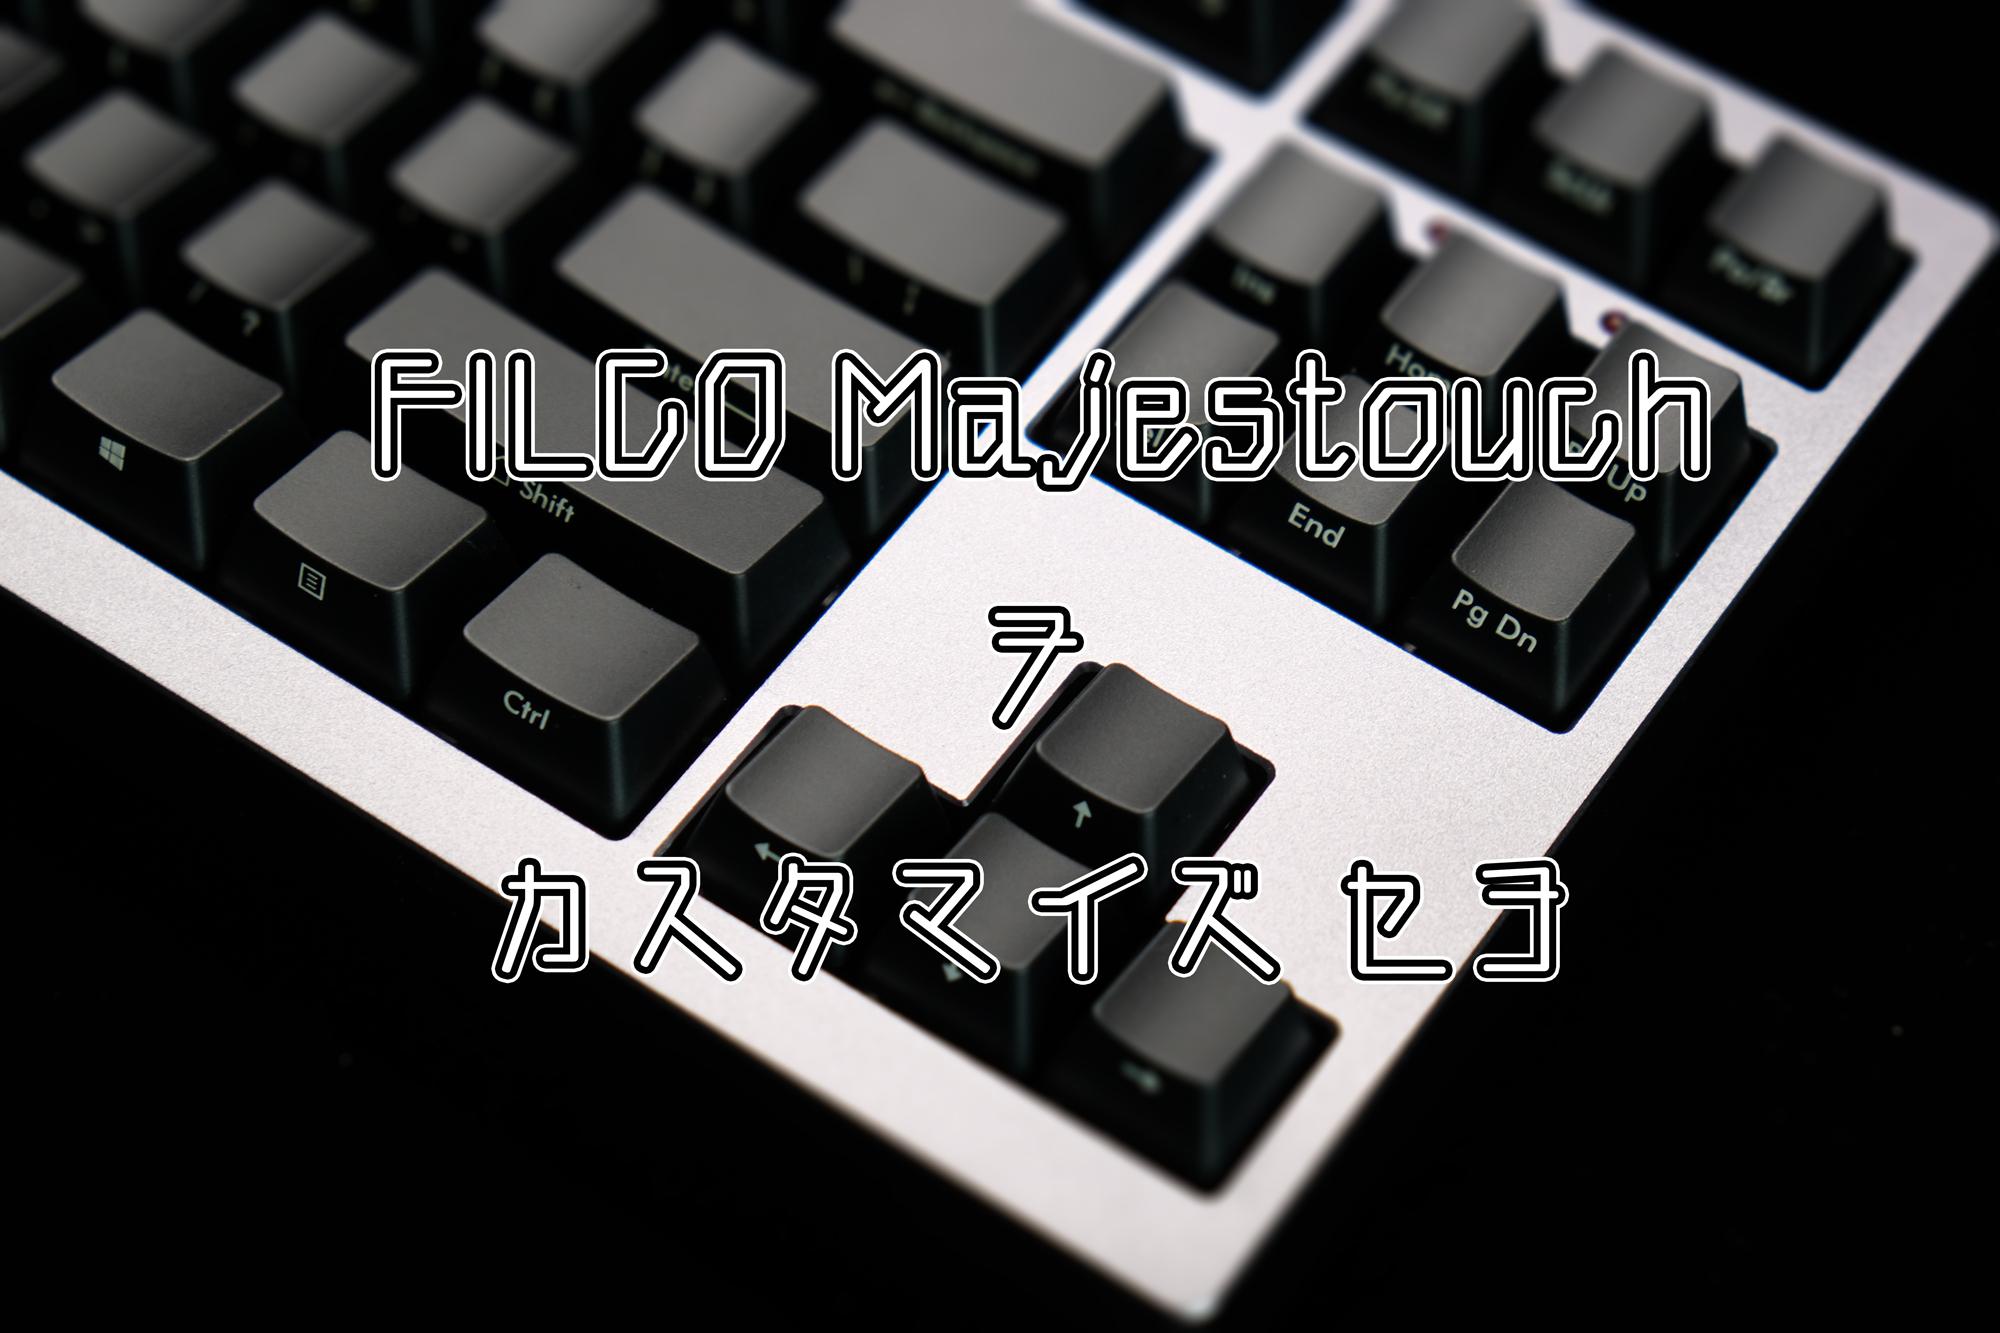 【カスタム】FILCO Majestouch TKLのケースをカスタマイズ。キータッチは?音は?外観は?